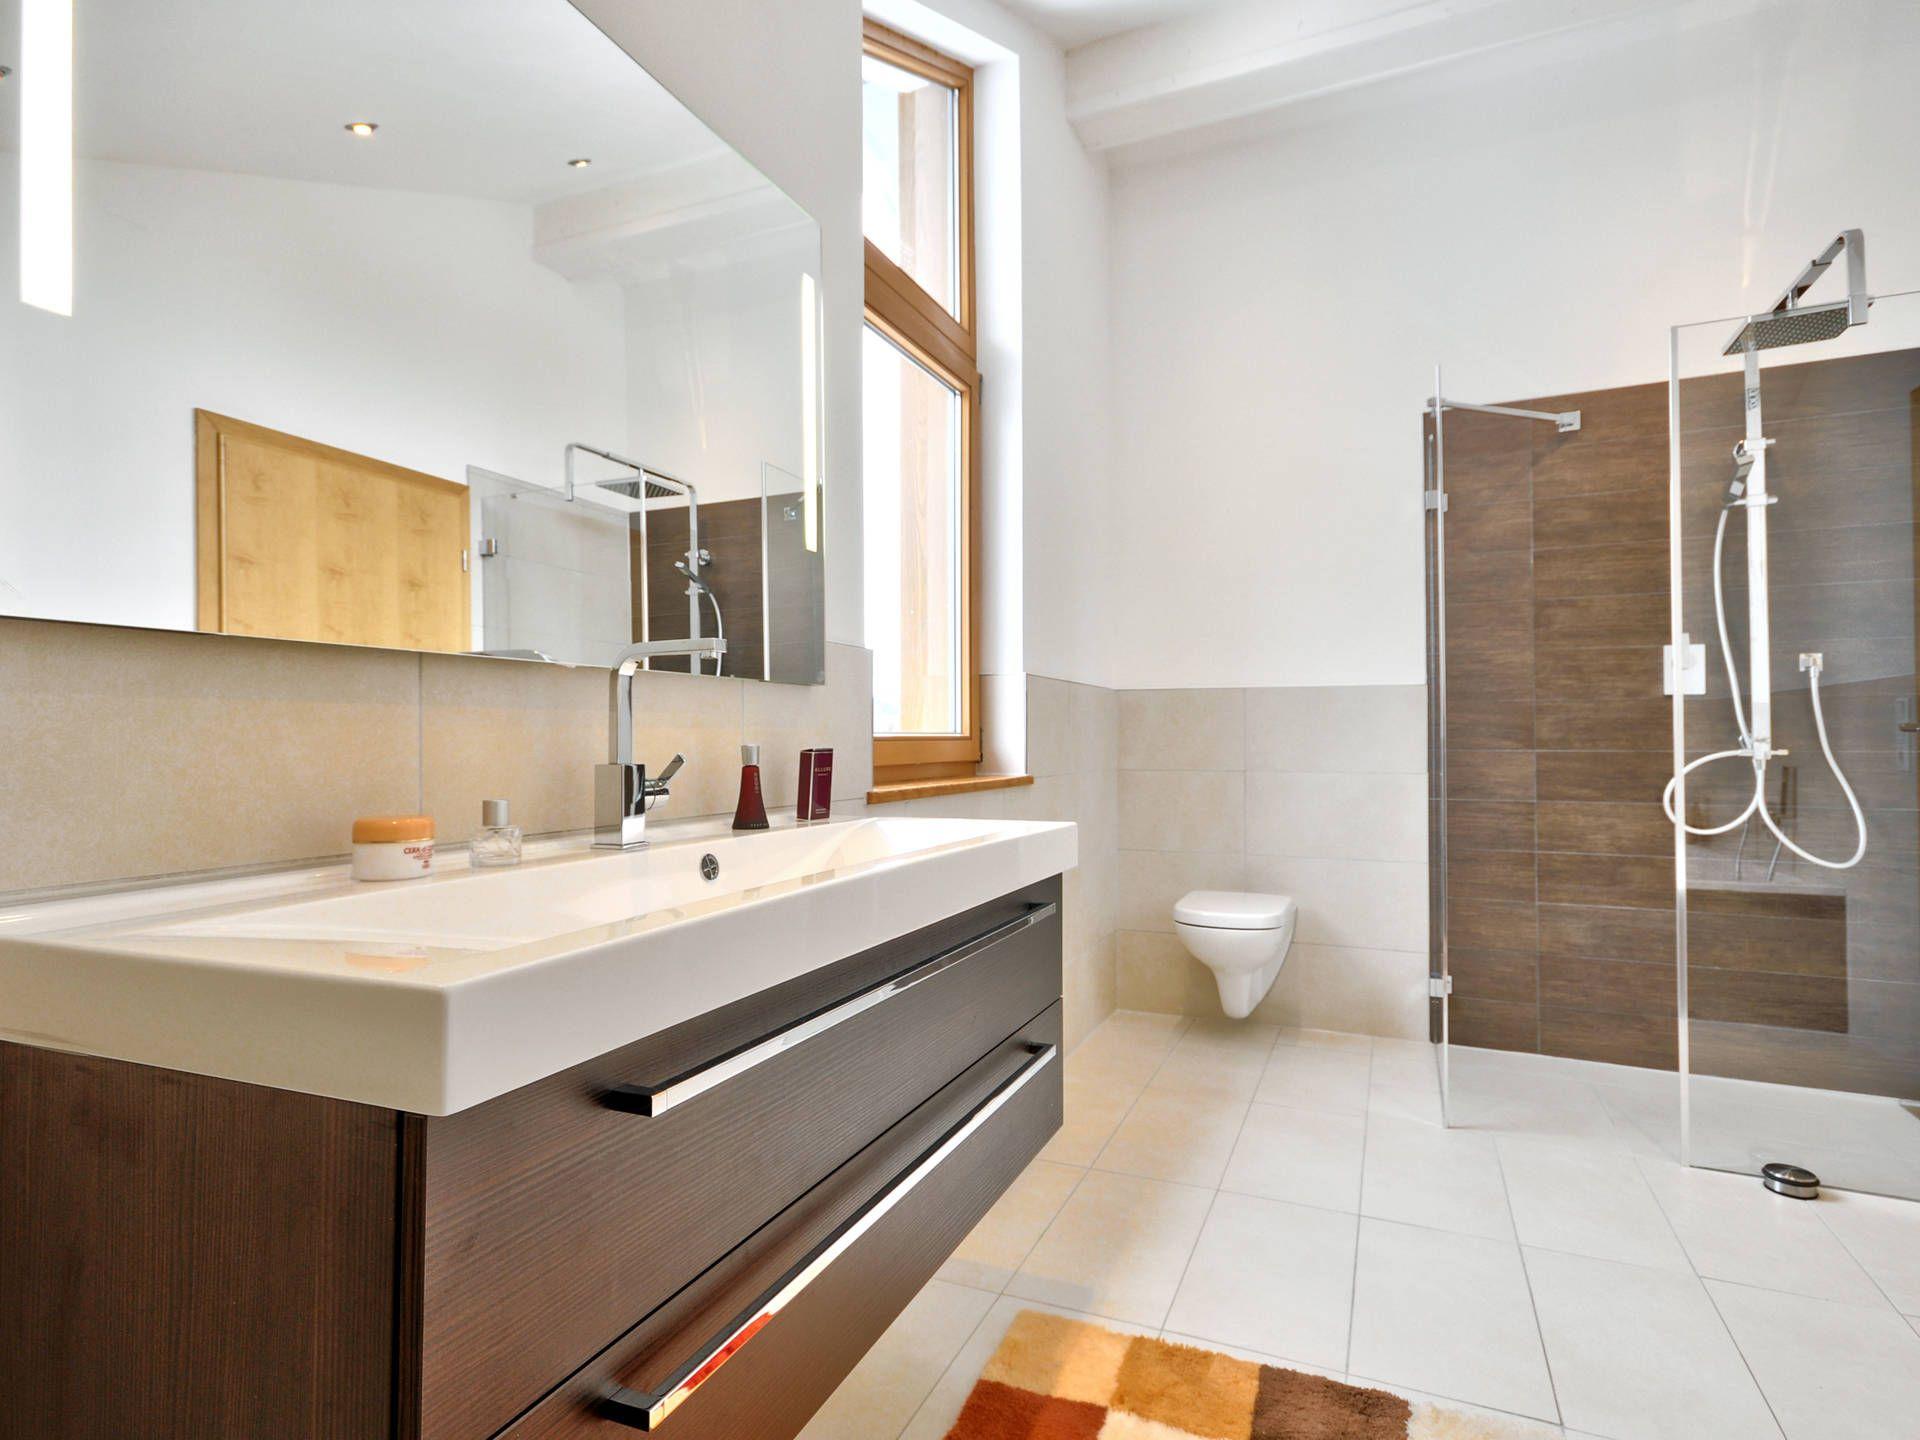 Badezimmer Preise ~ 71 besten badezimmer bilder auf pinterest